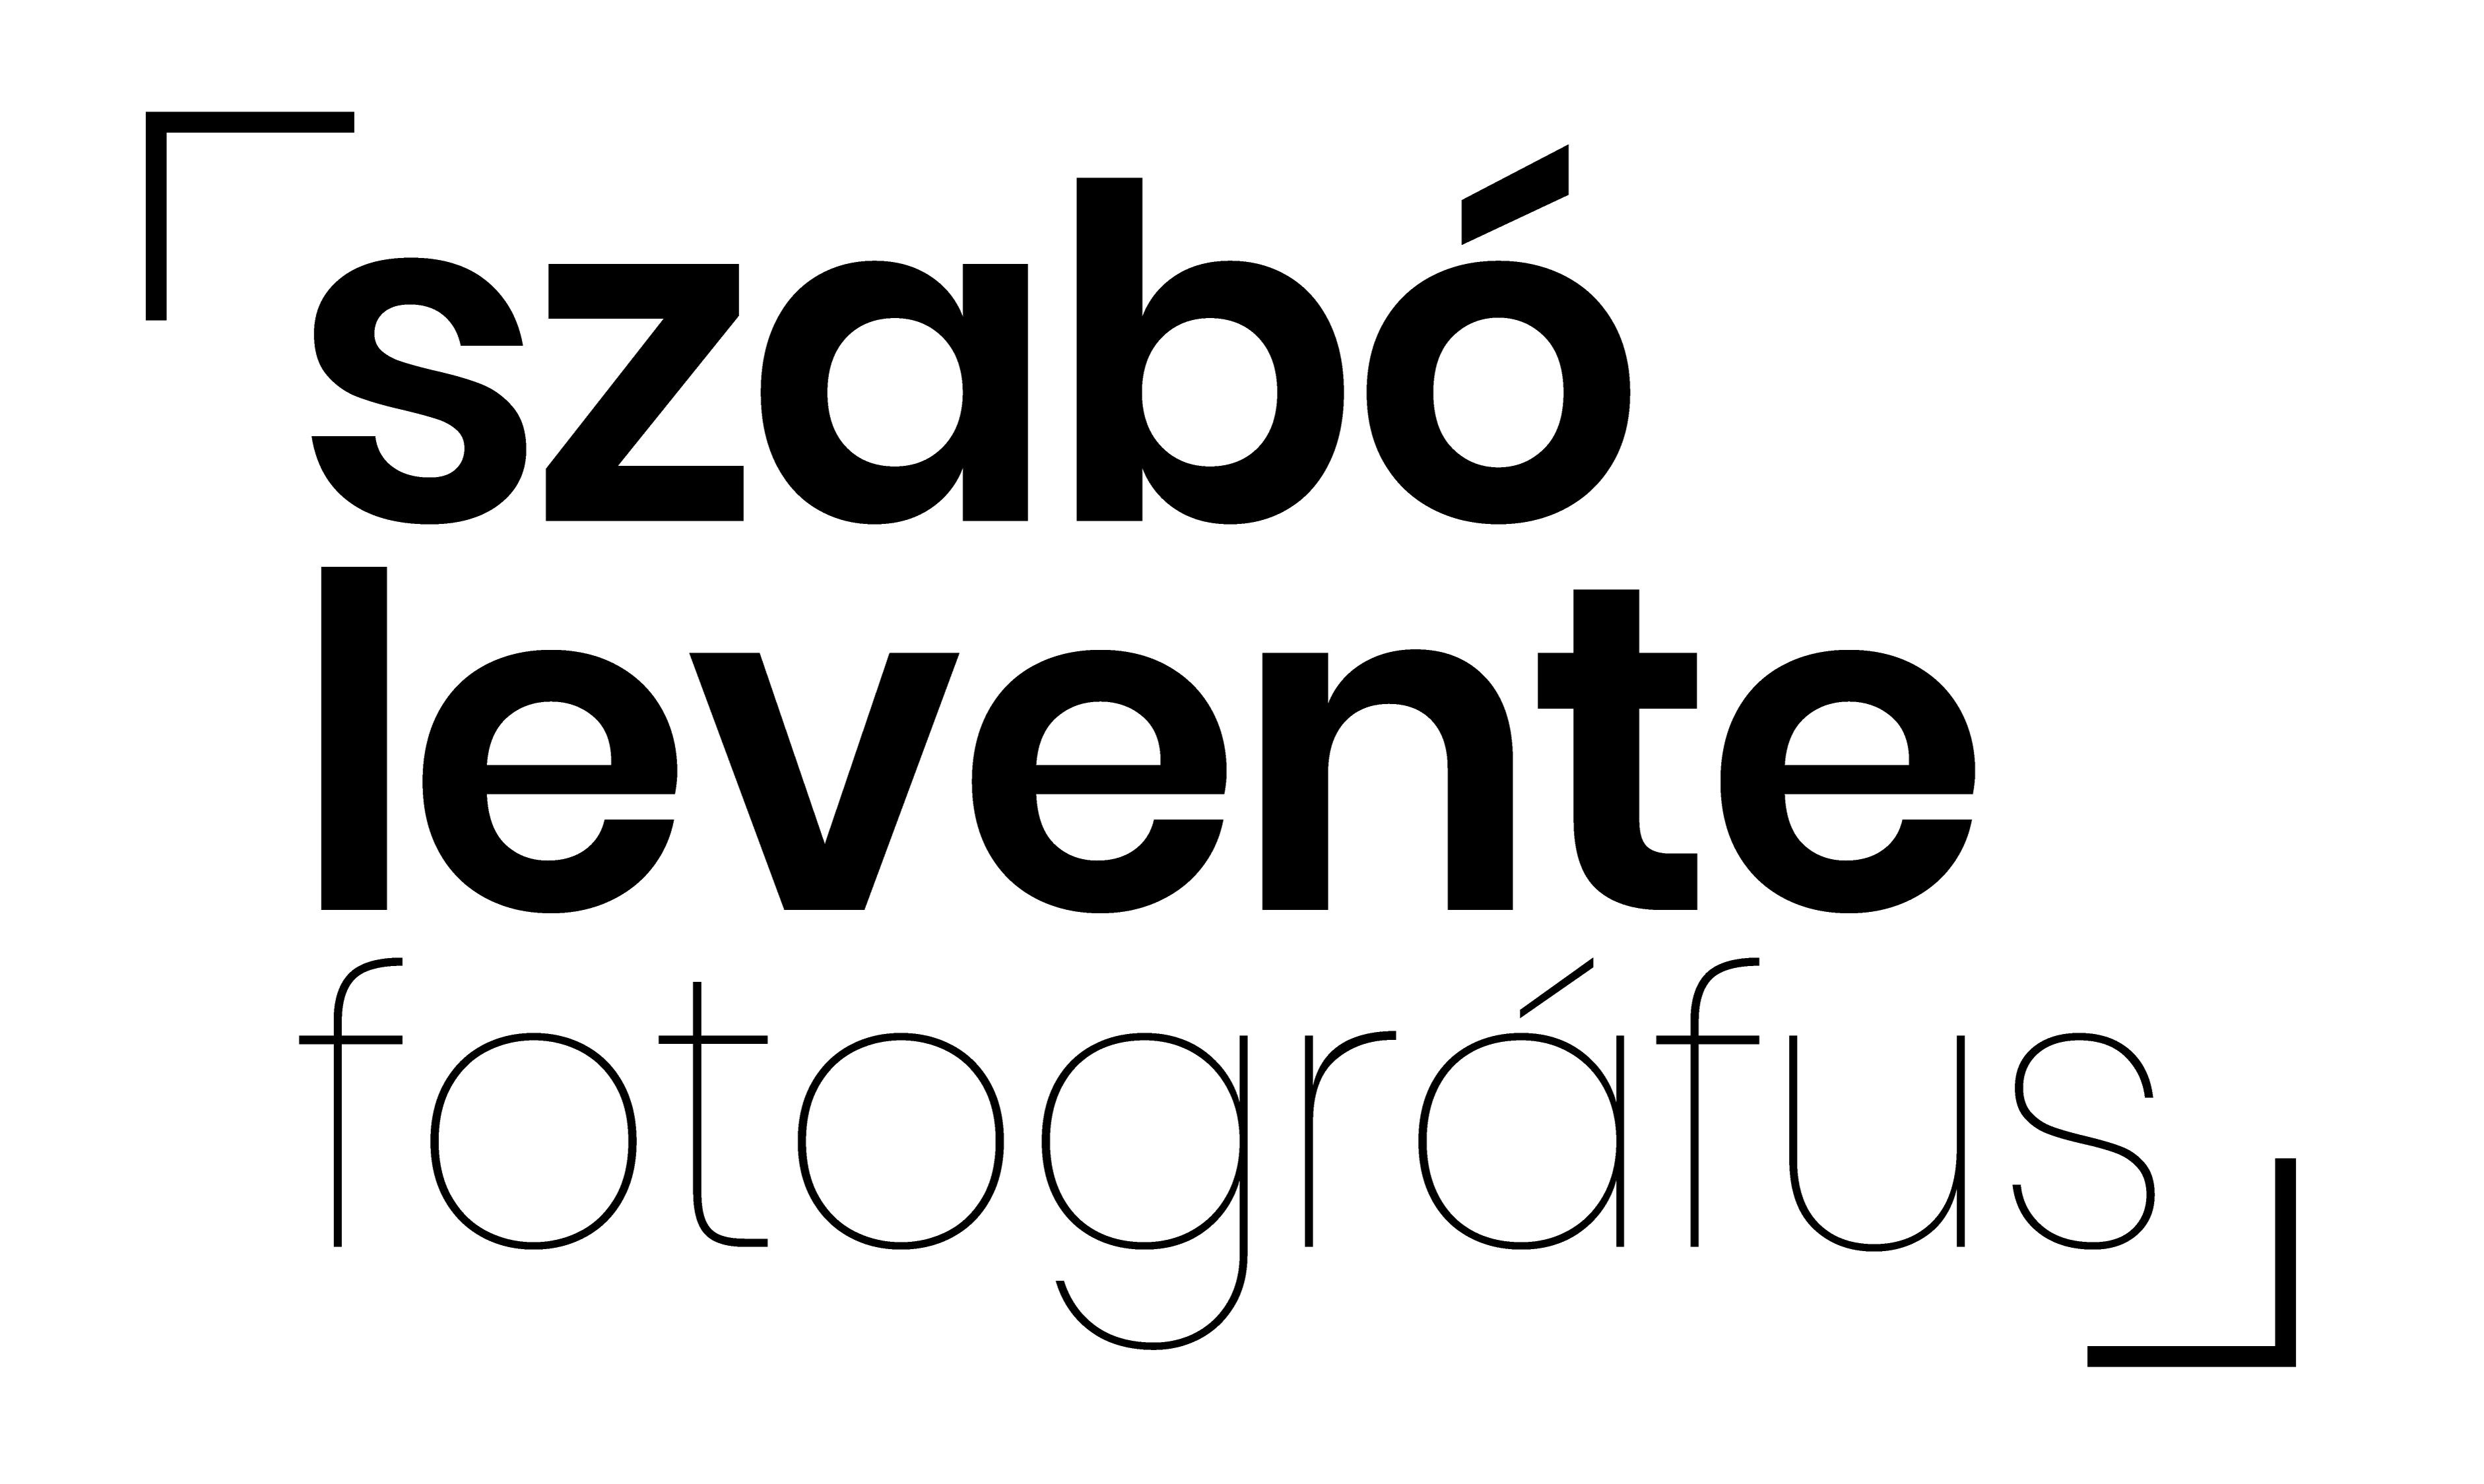 Levente Szabó